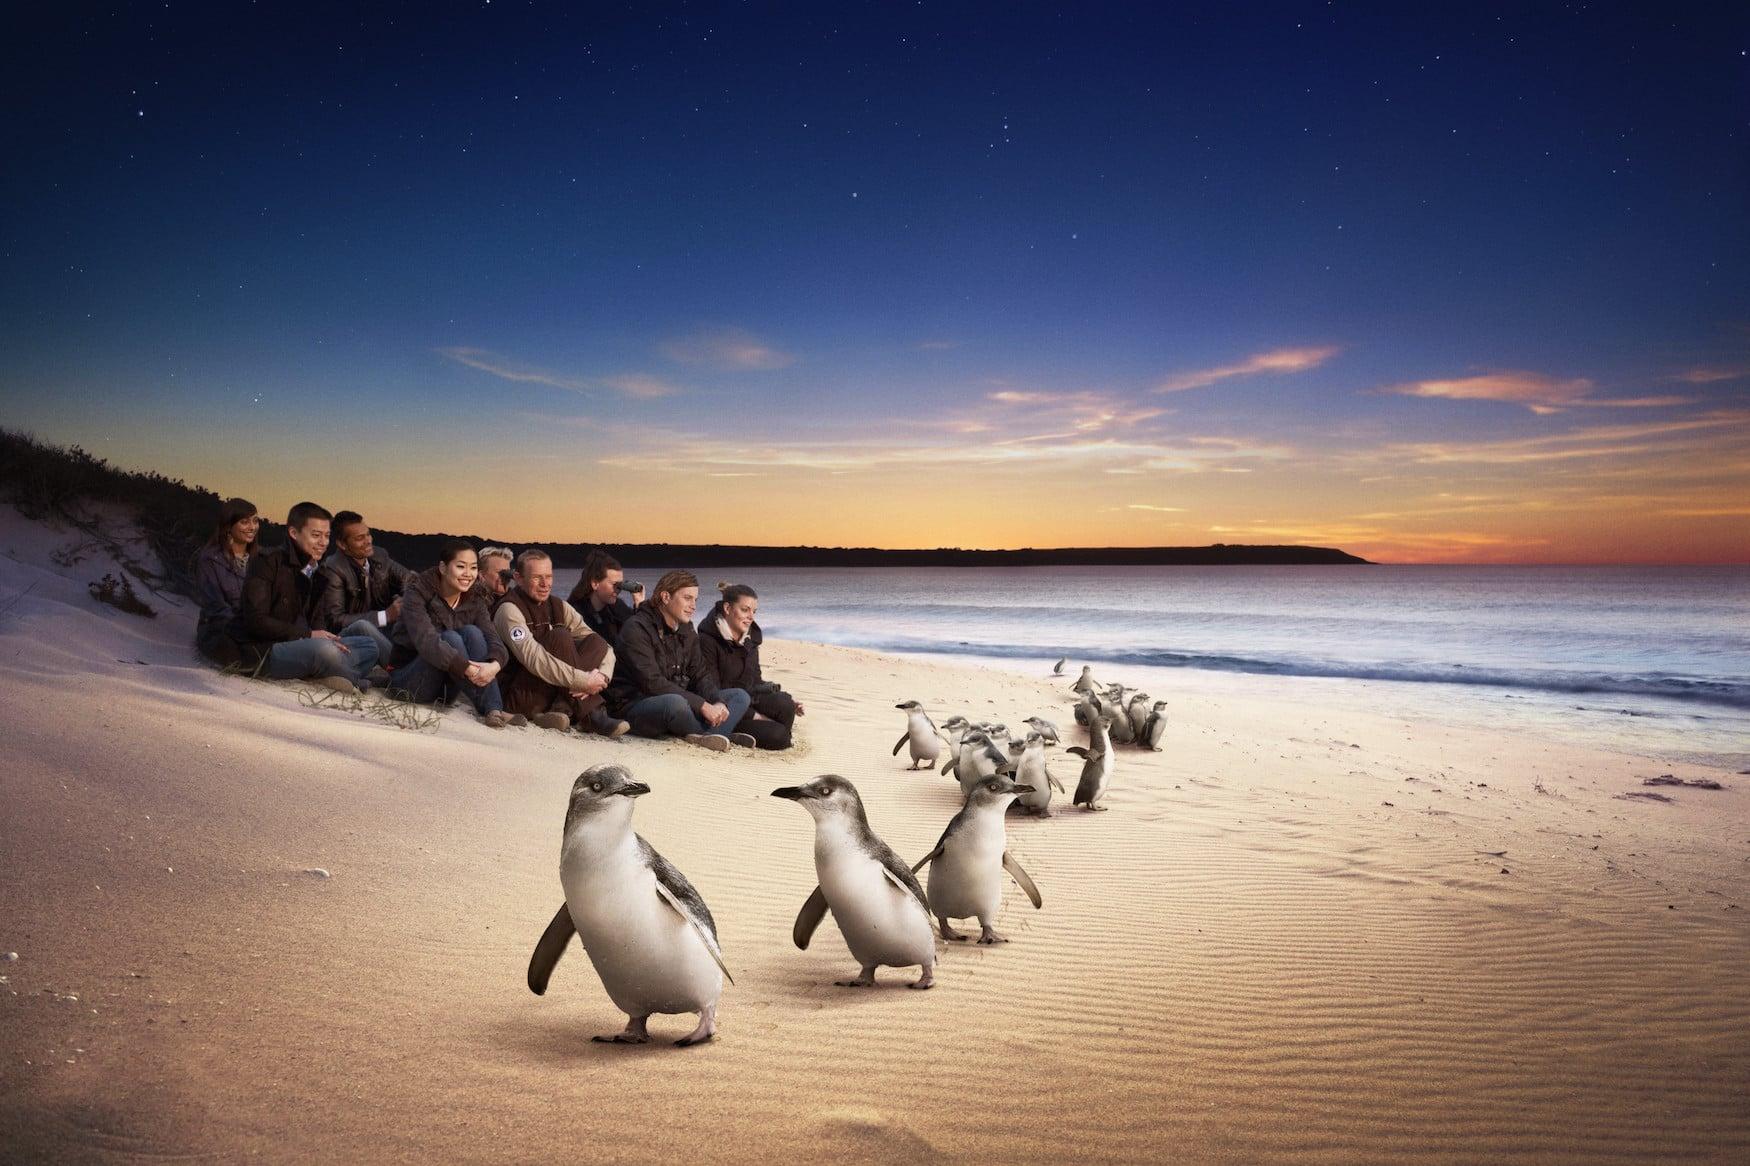 Die weltweit größte Zwergpinguinkolonie am Strand auf Philipp Island in Australien